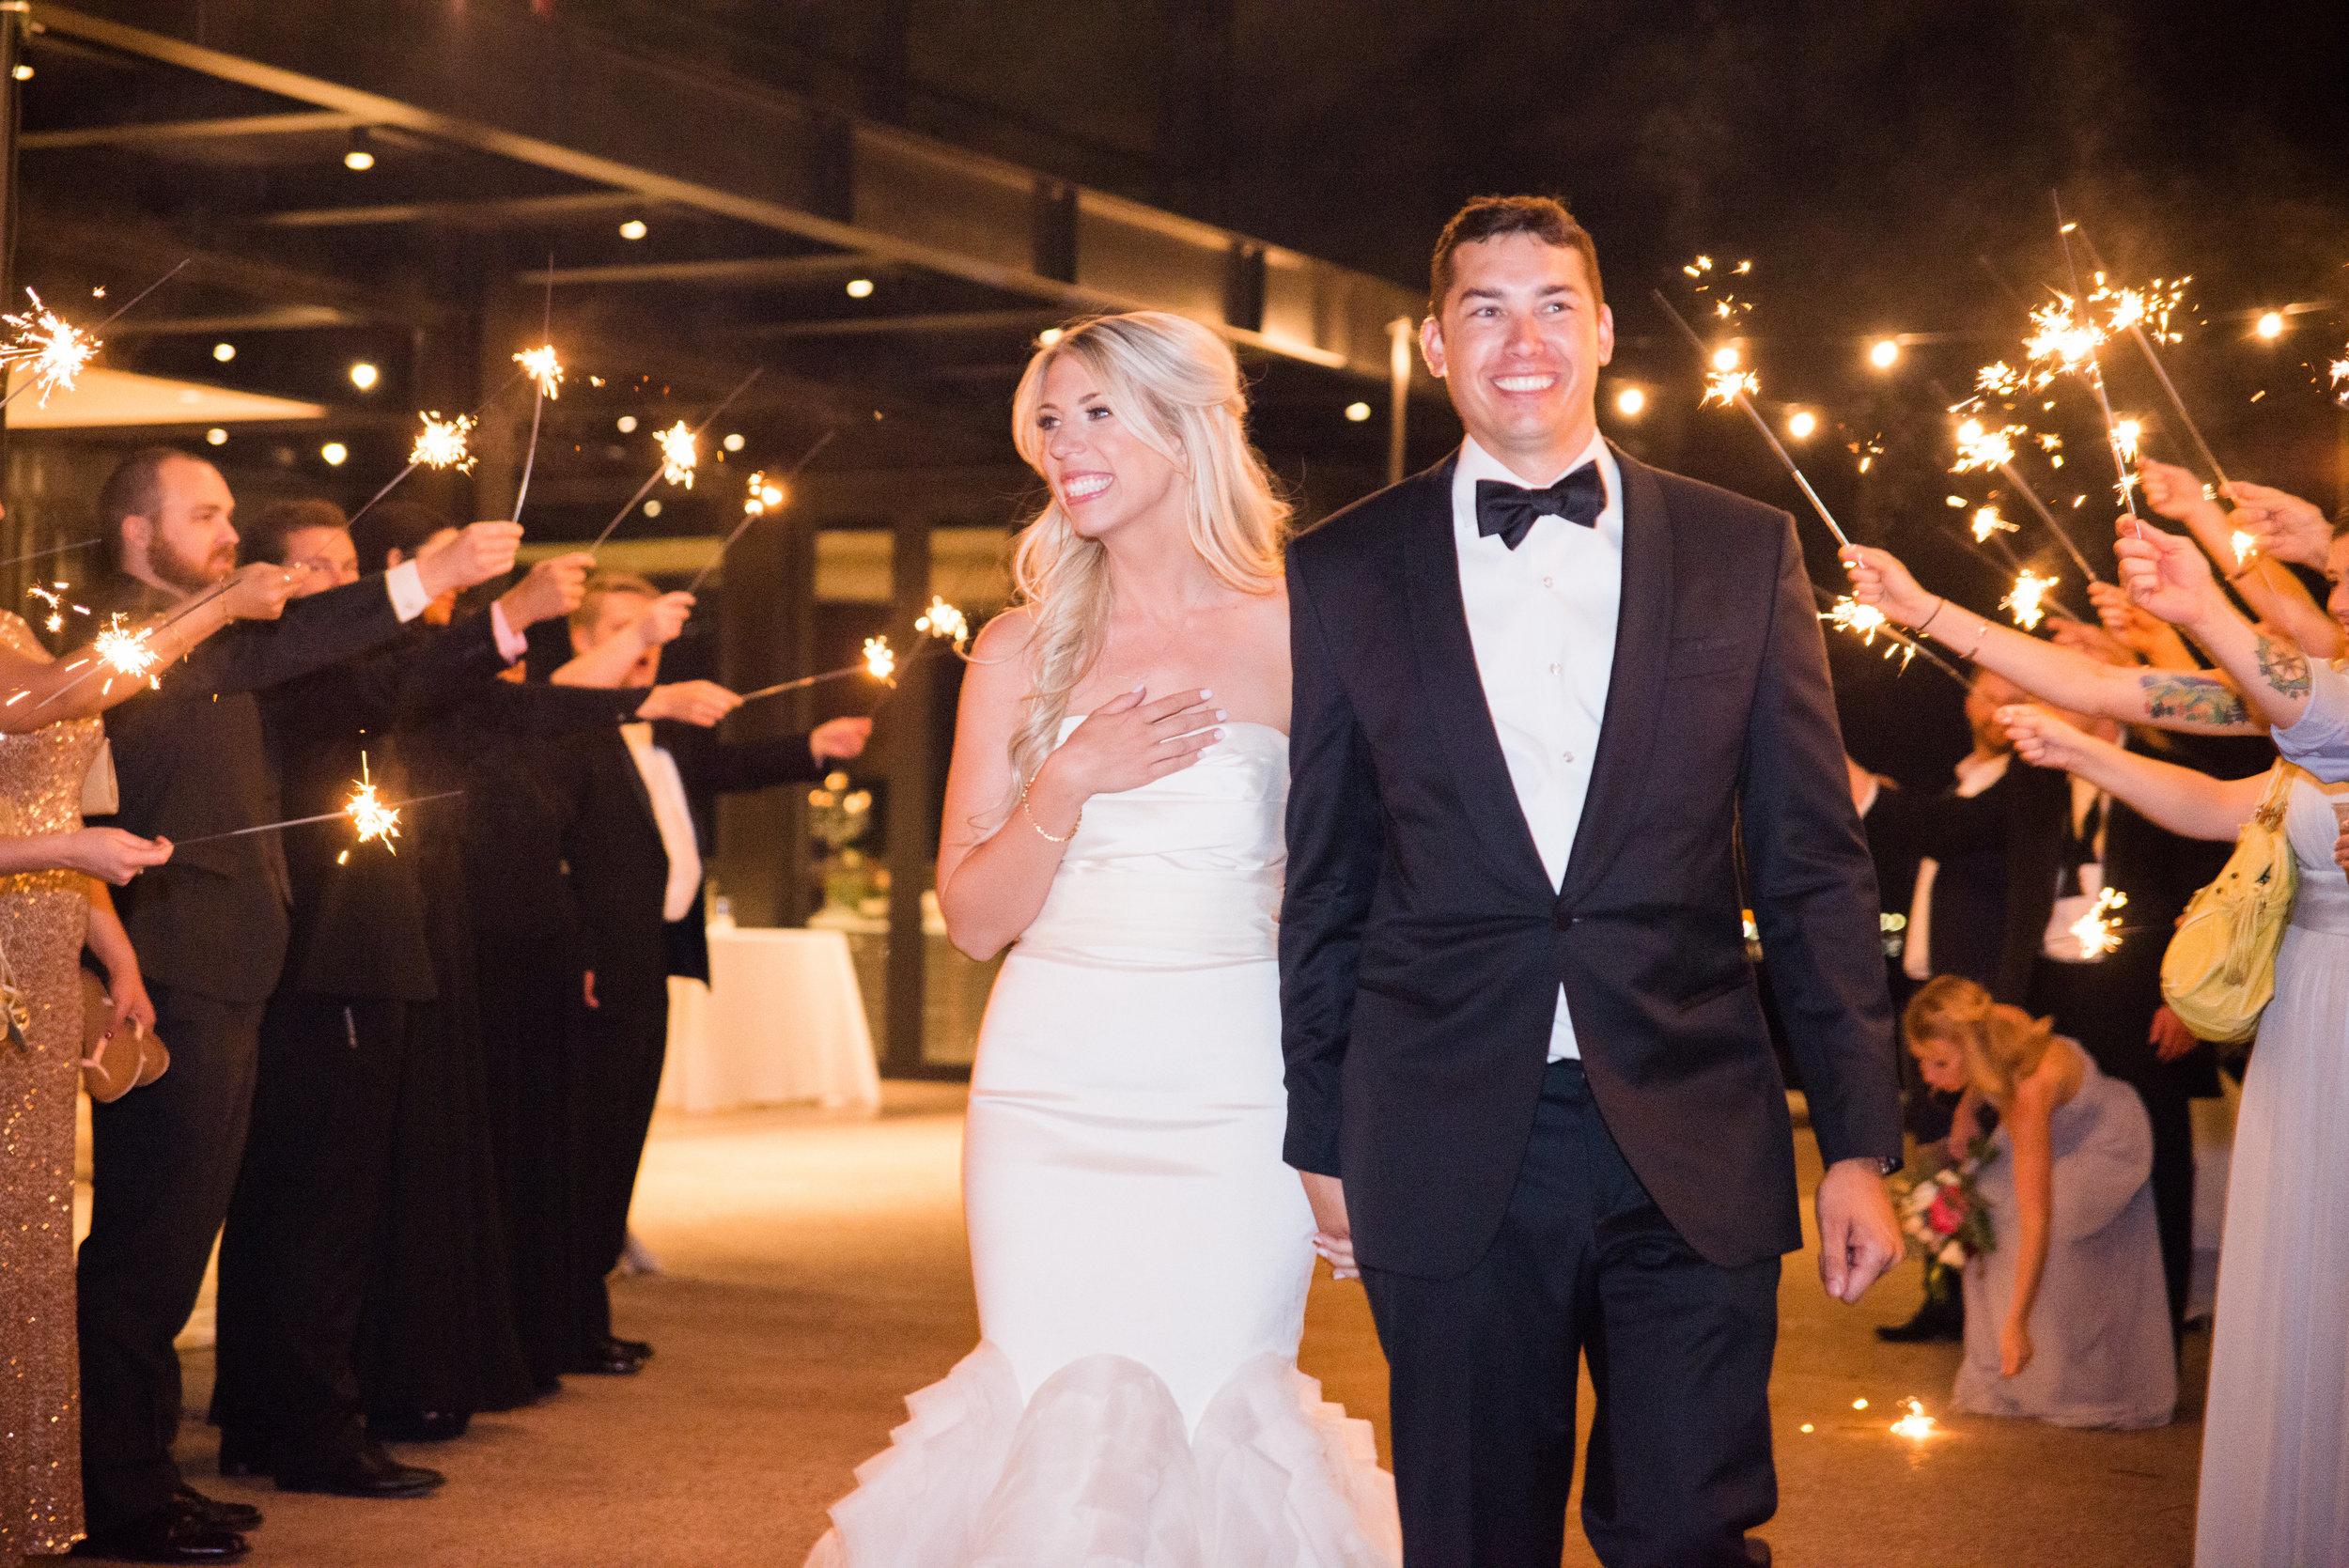 wedding exit, wedding sparklers, bride and groom exit, bride and groom details, wedding gown, wedding dress, Vera Wang wedding dress, groom tux, groom formal attire